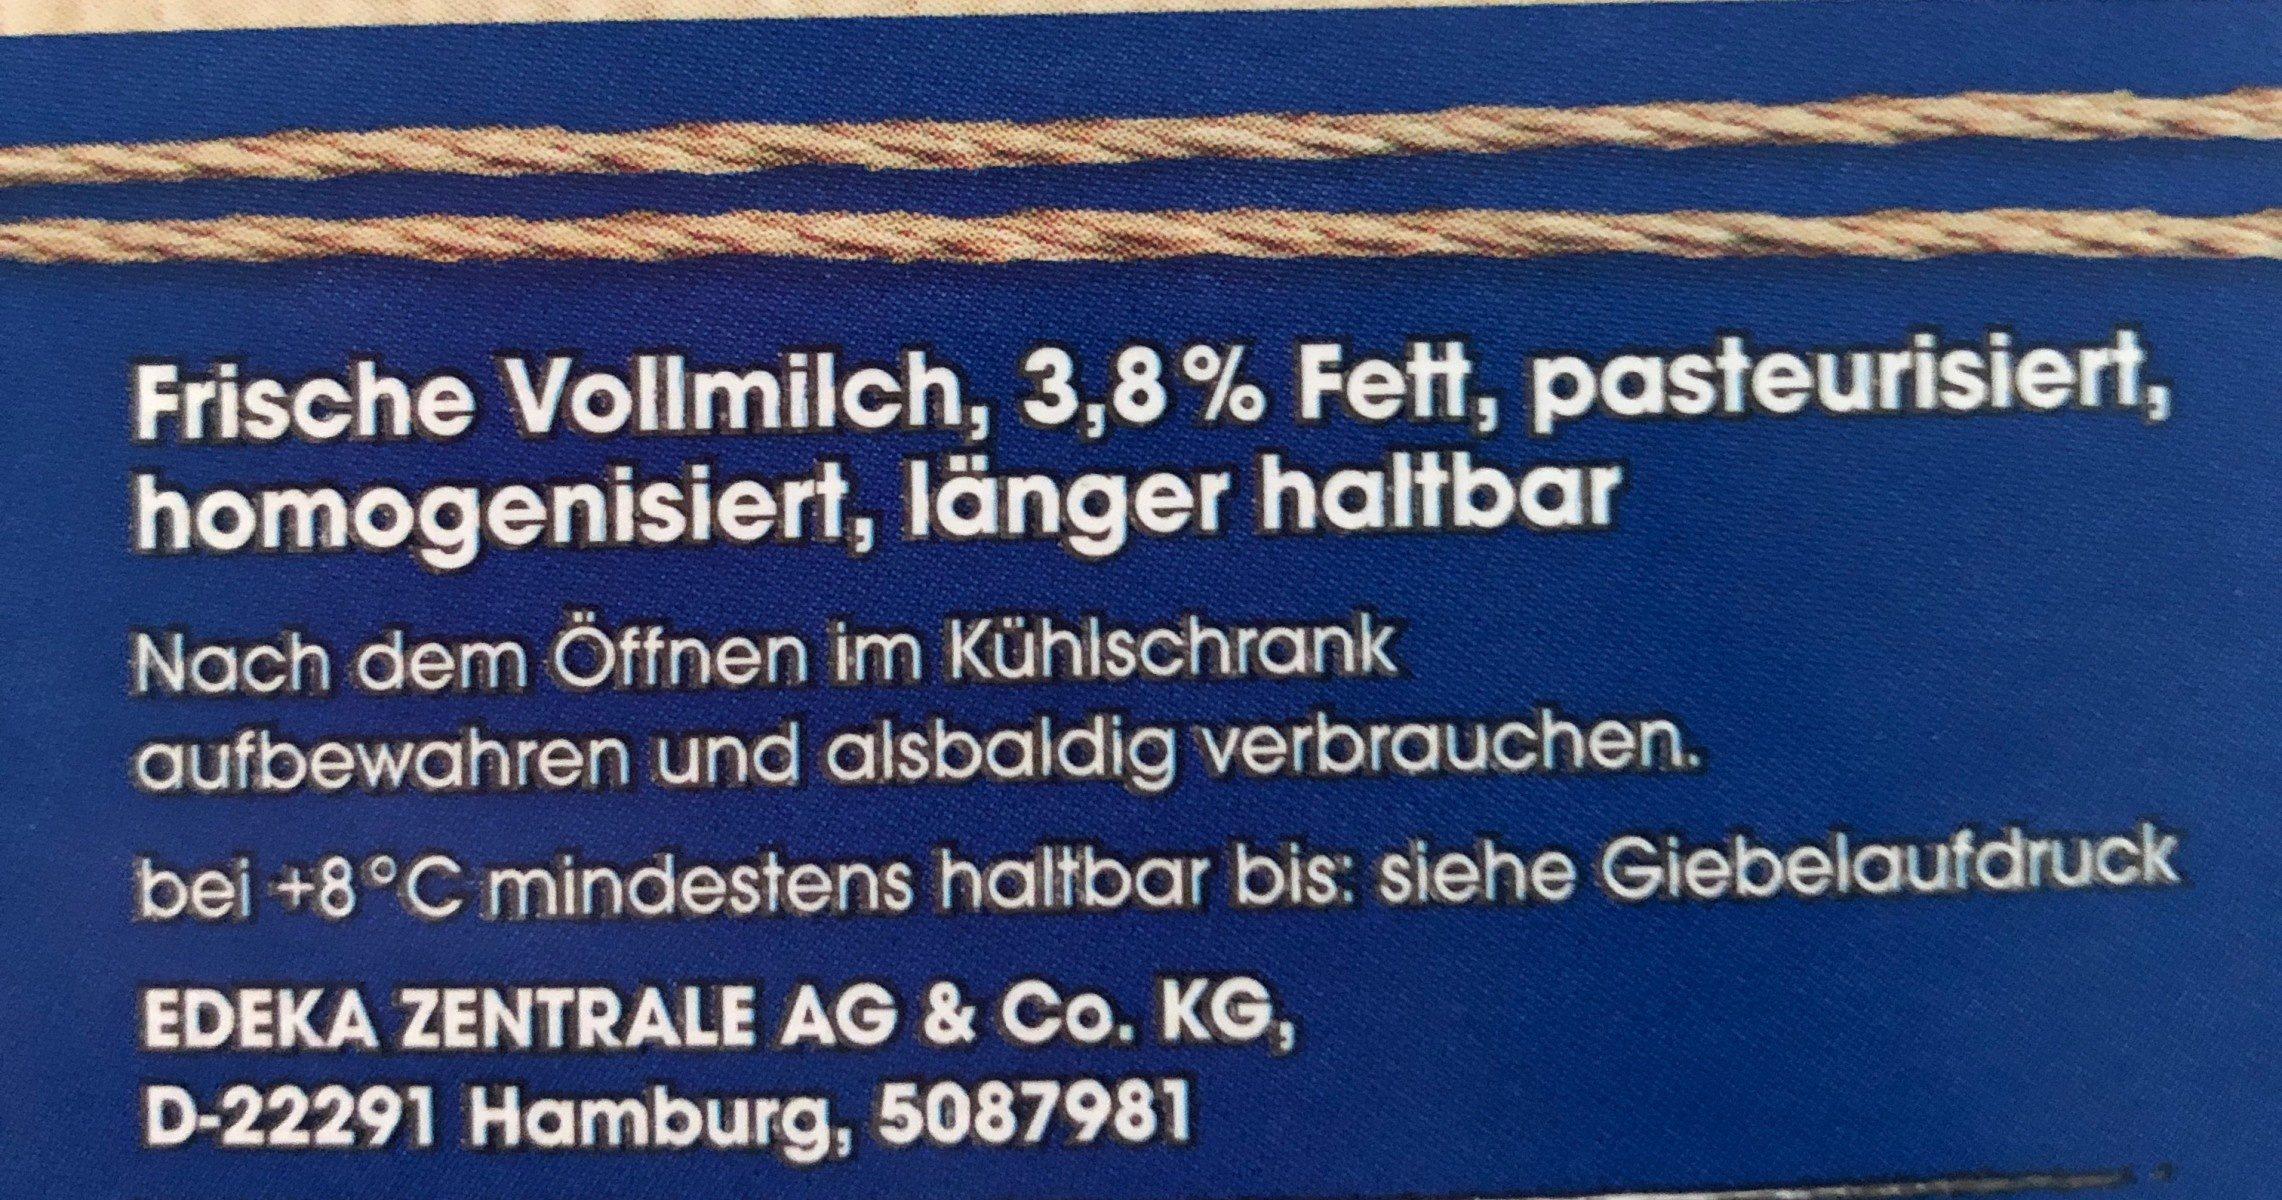 Frische Vollmilch - Ingredients - en